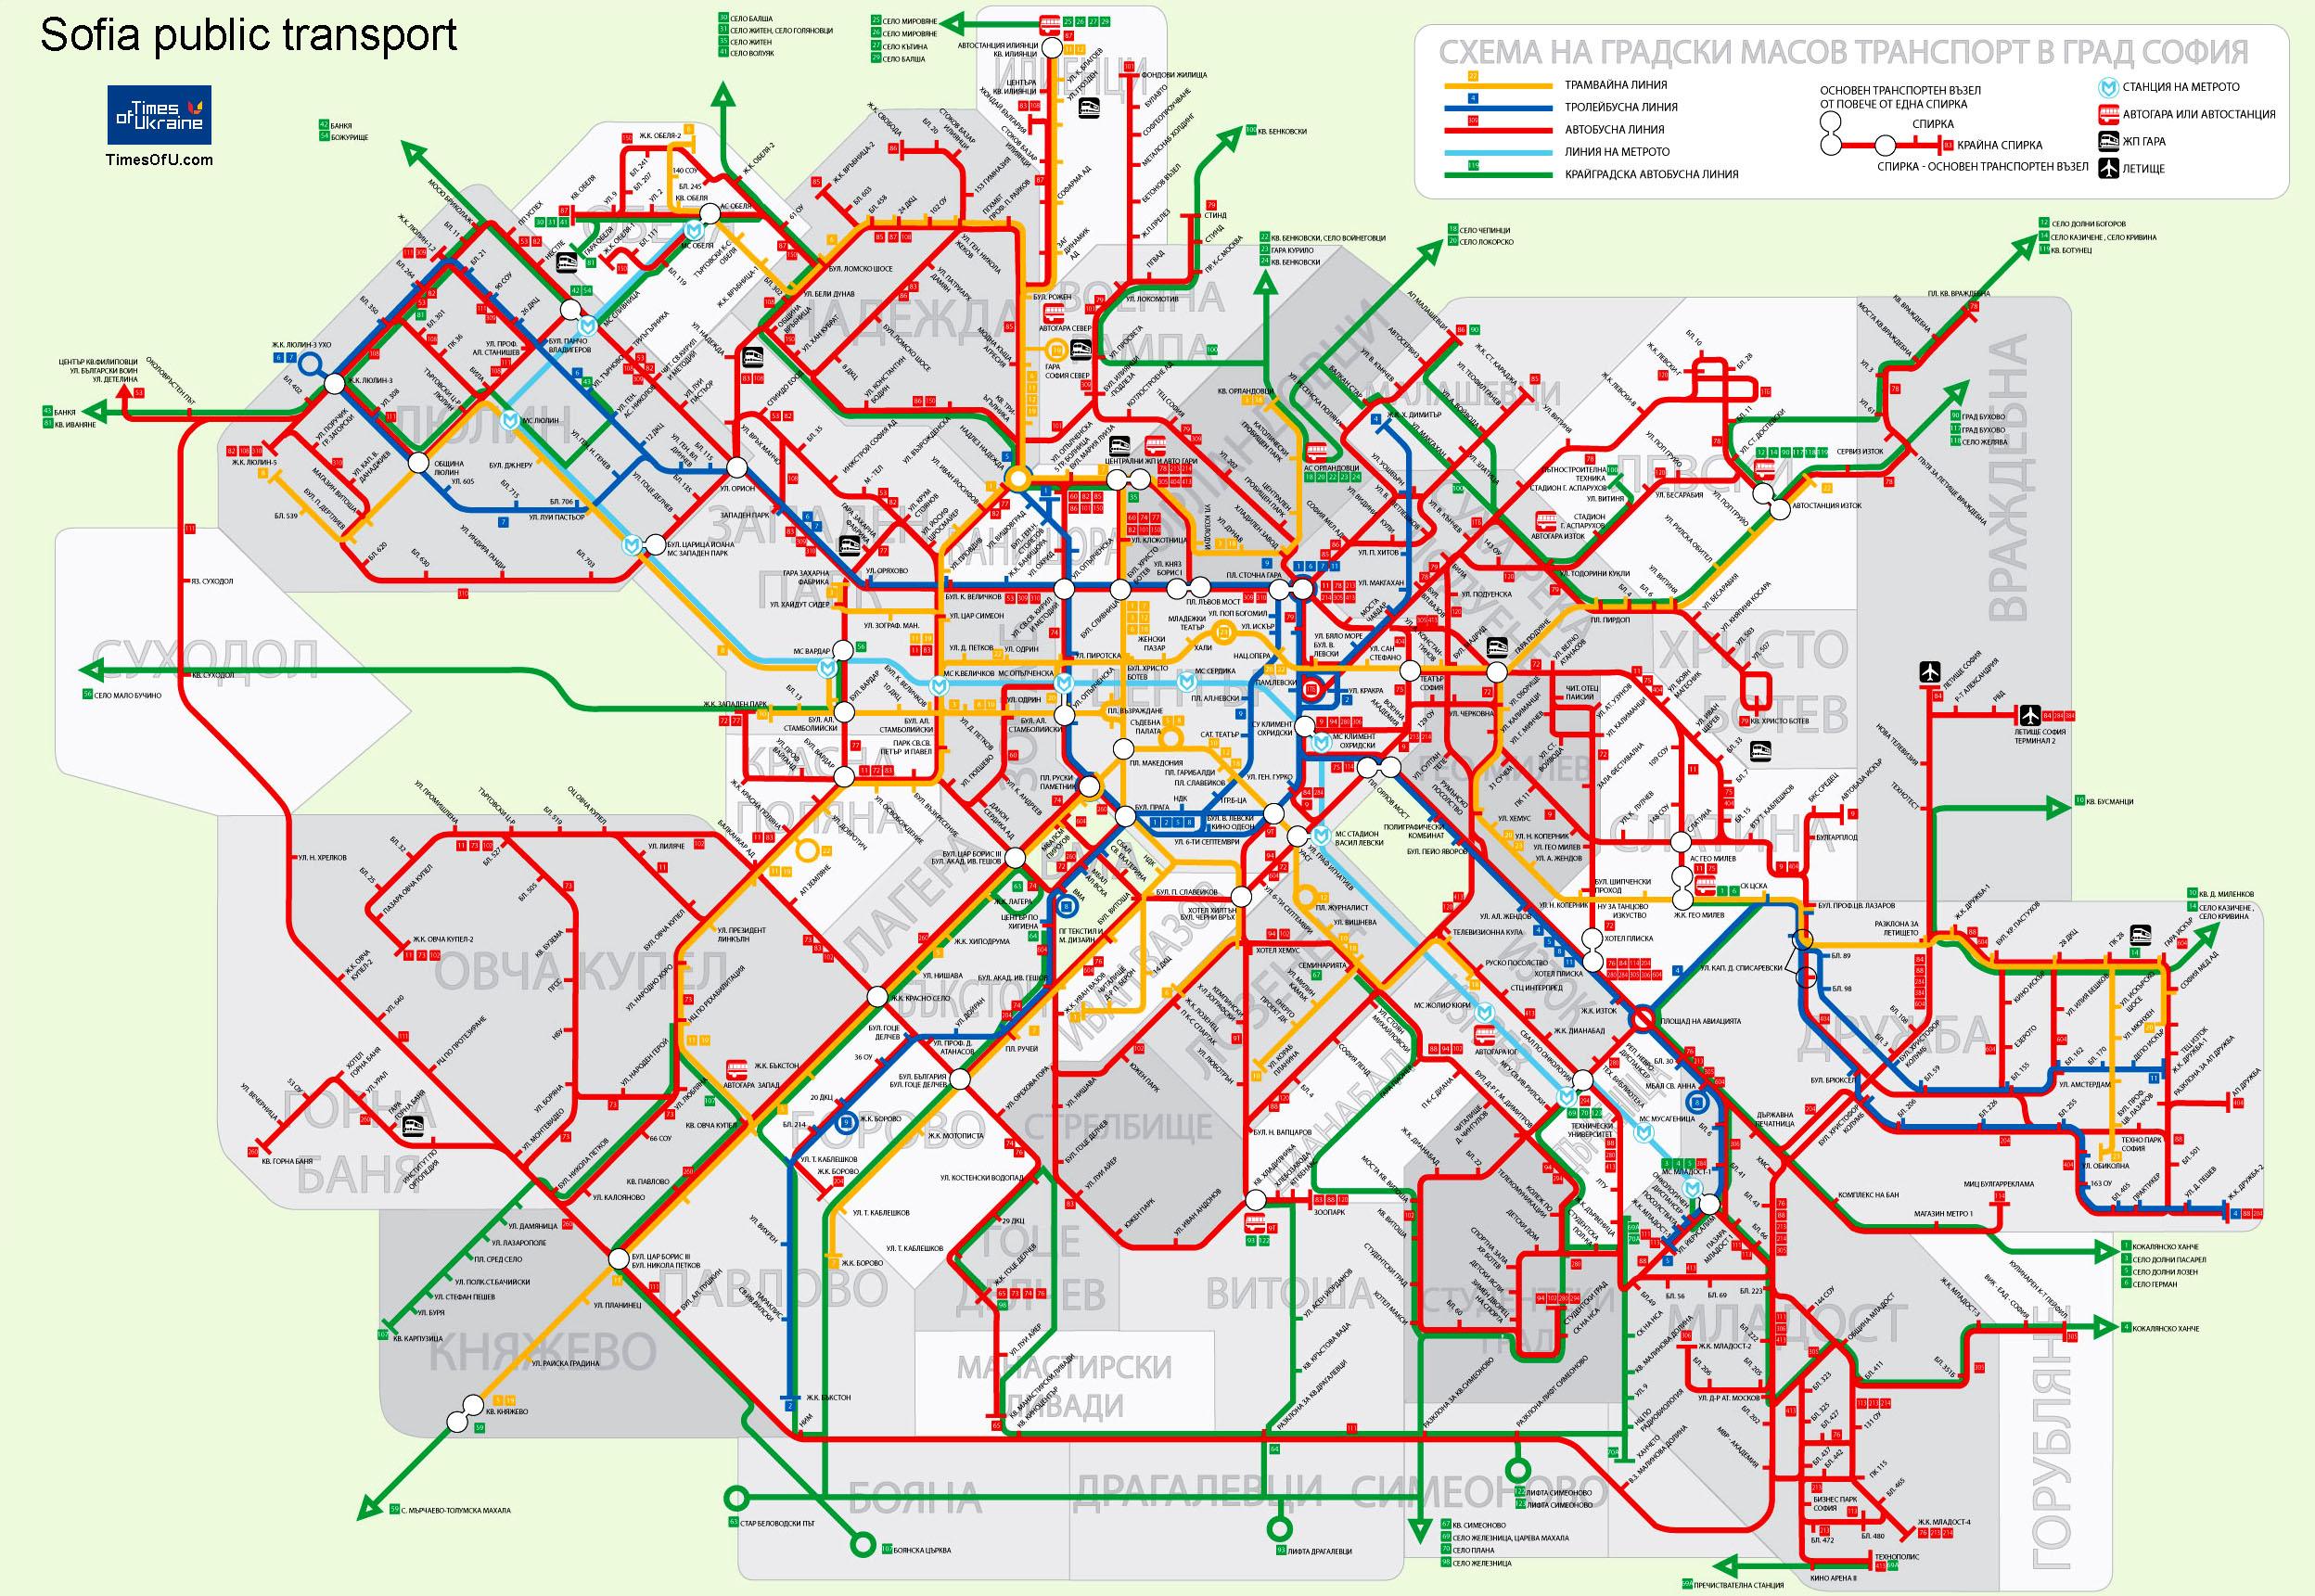 Times Of Ukraine Karta Obshestvennogo Transporta Sofii Sofia